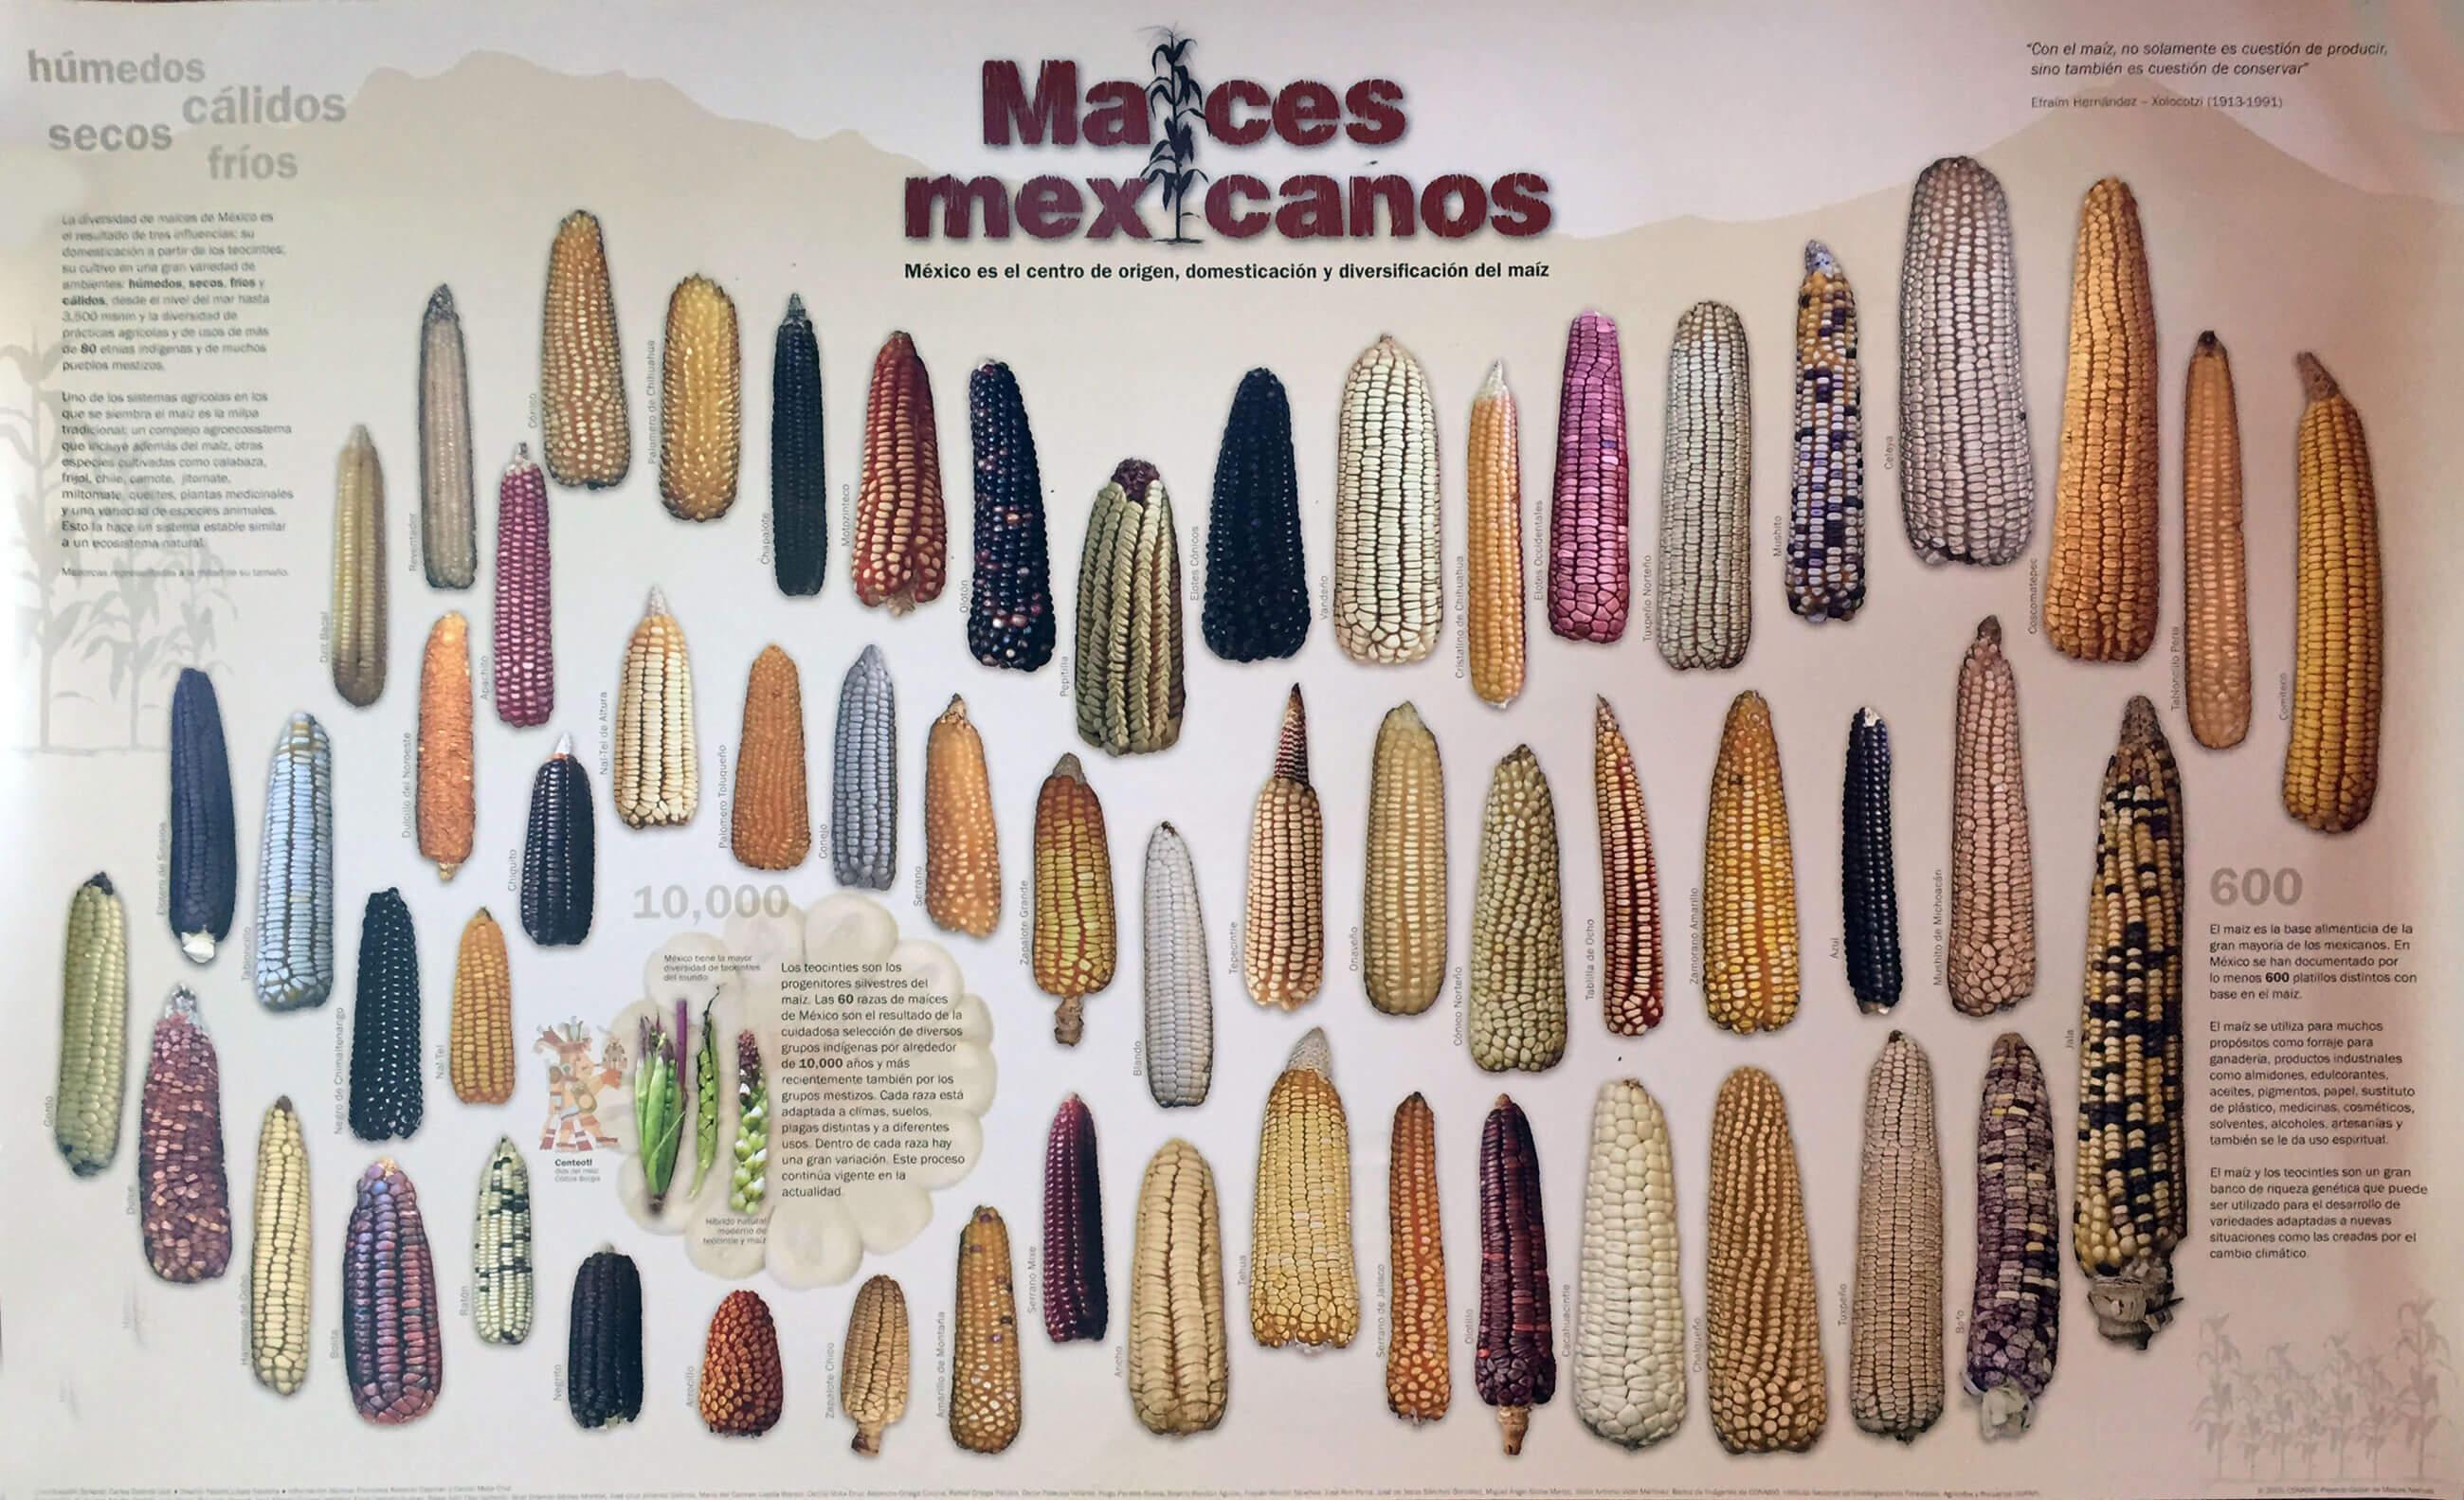 tipos de maíz mexicanos